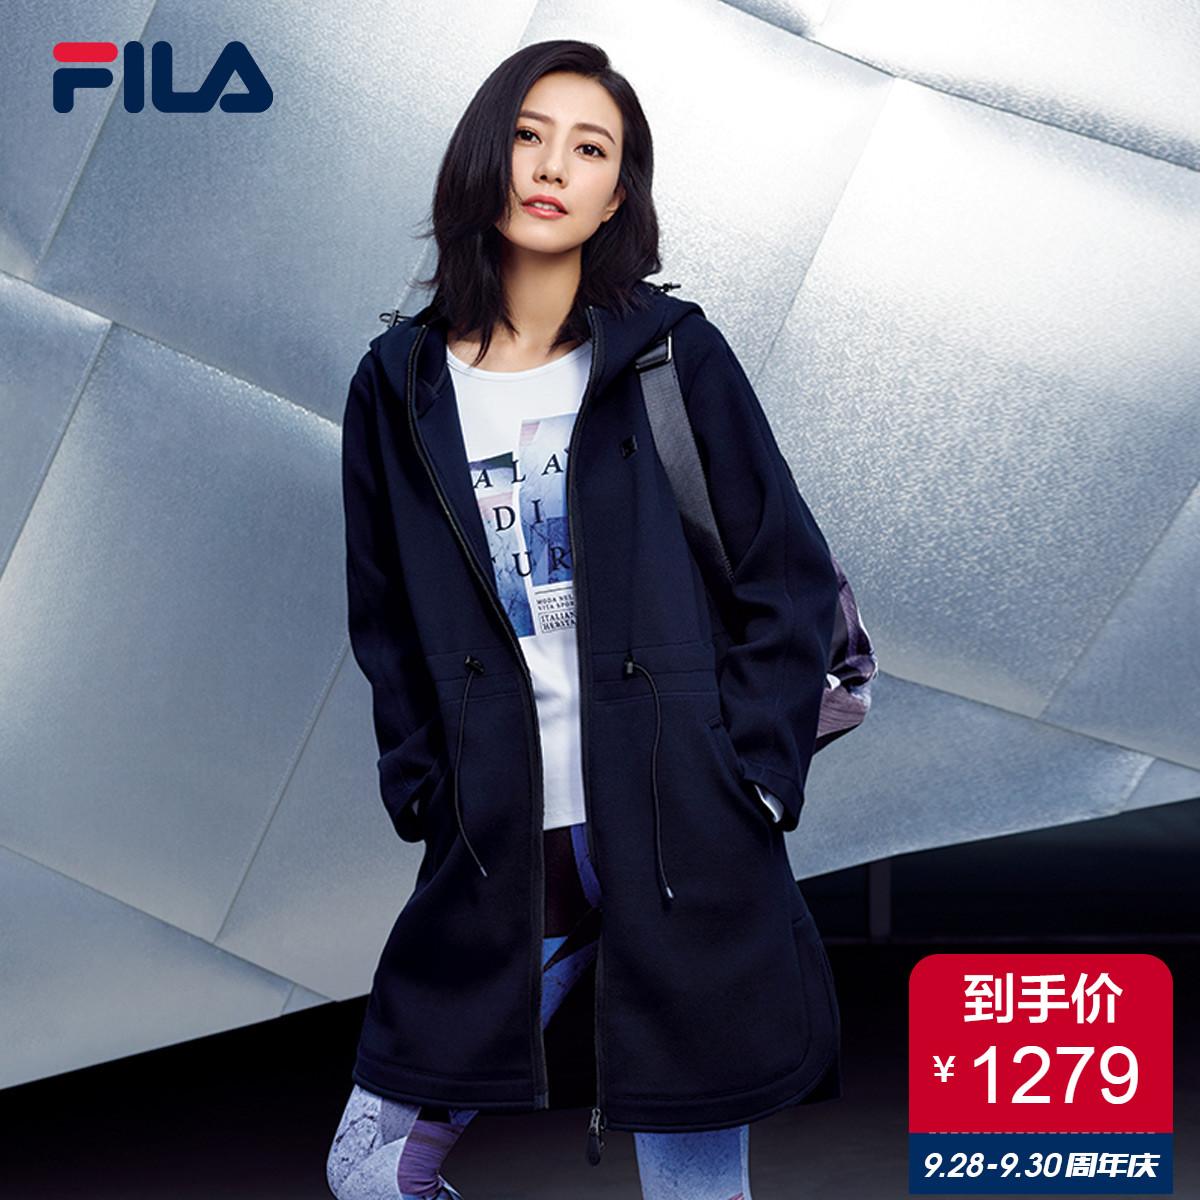 FILA斐乐女外套高圆圆同款2018秋季新款简约中长款运动休闲外套女